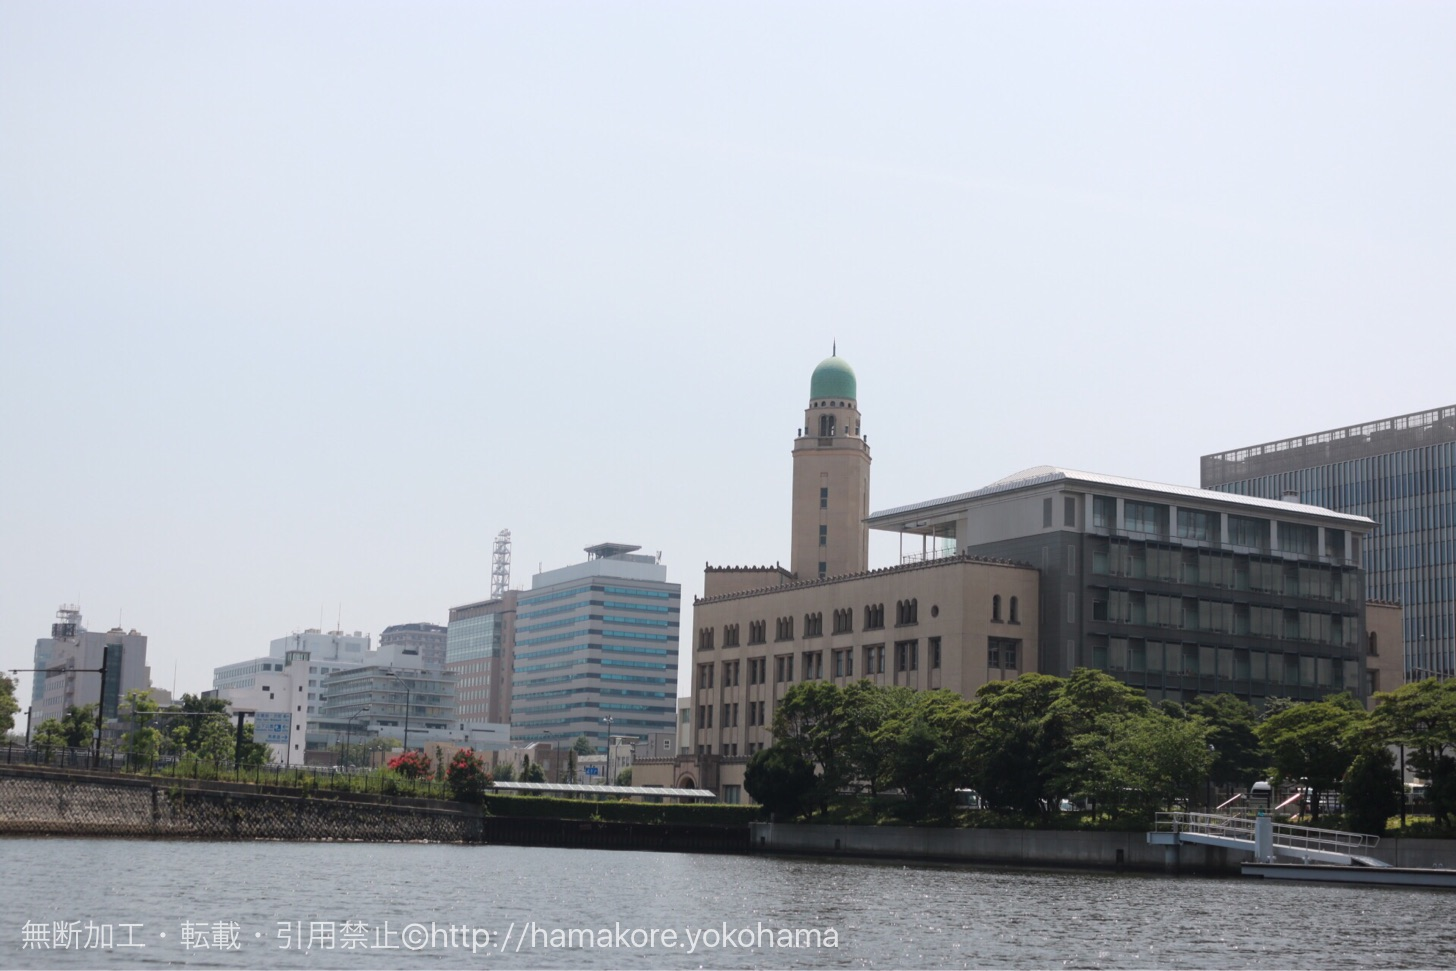 水陸両用バス「スカイダック」 水辺から見た横浜税関(クイーン)